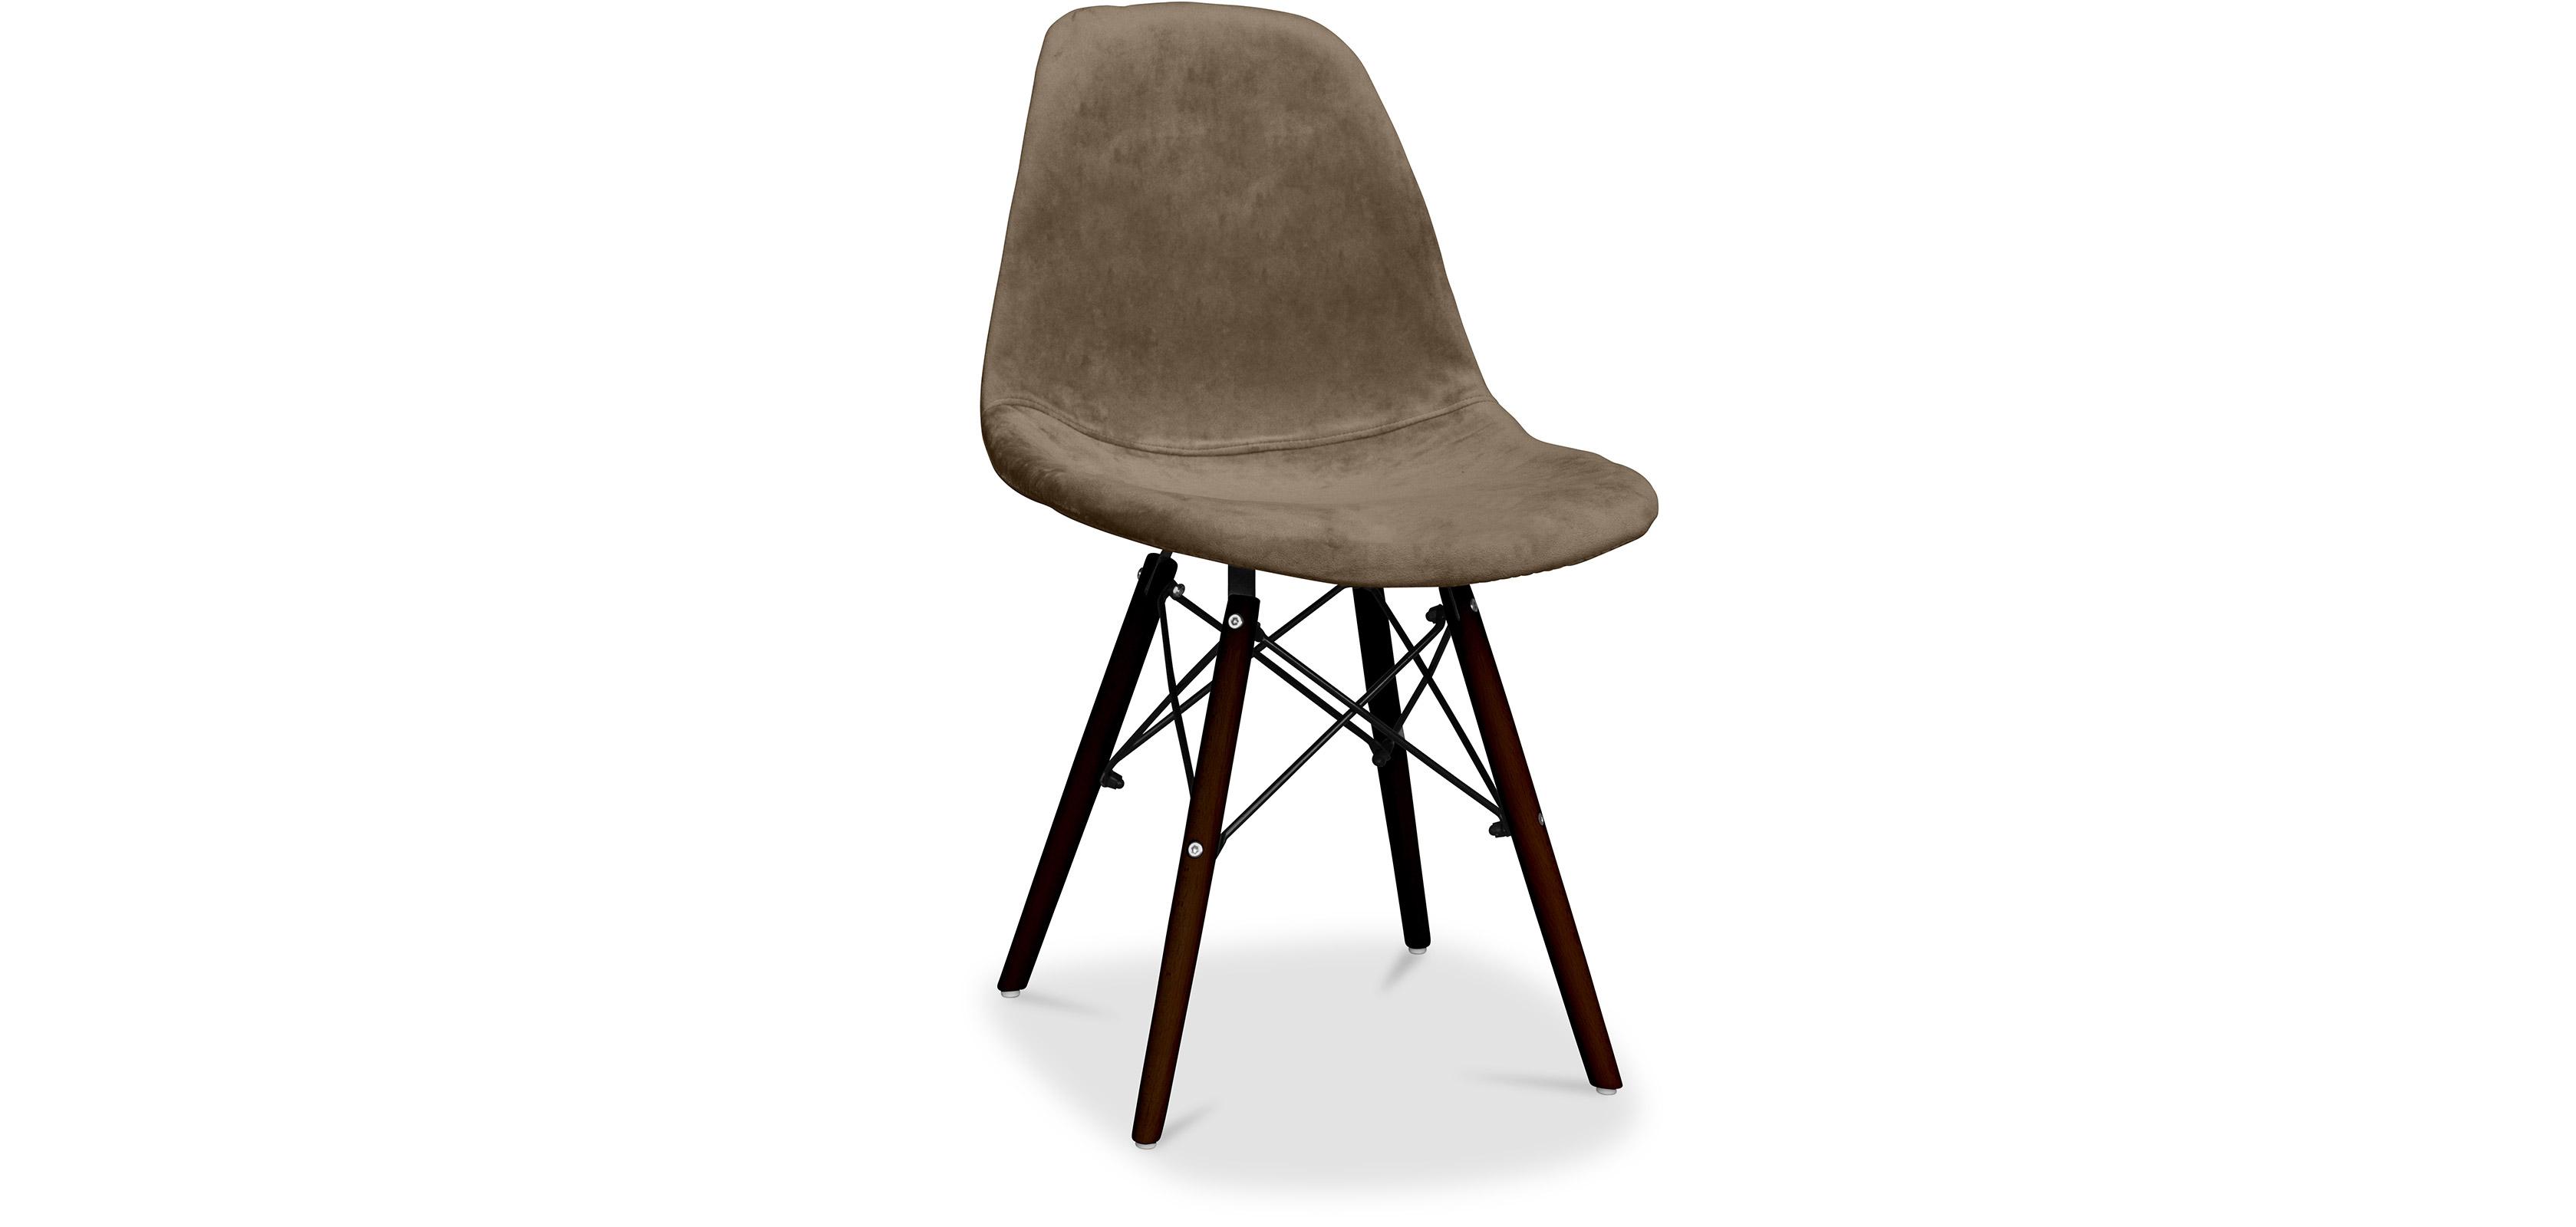 dunkle stuhlbeine dsw charles eames style stuhl stoff. Black Bedroom Furniture Sets. Home Design Ideas